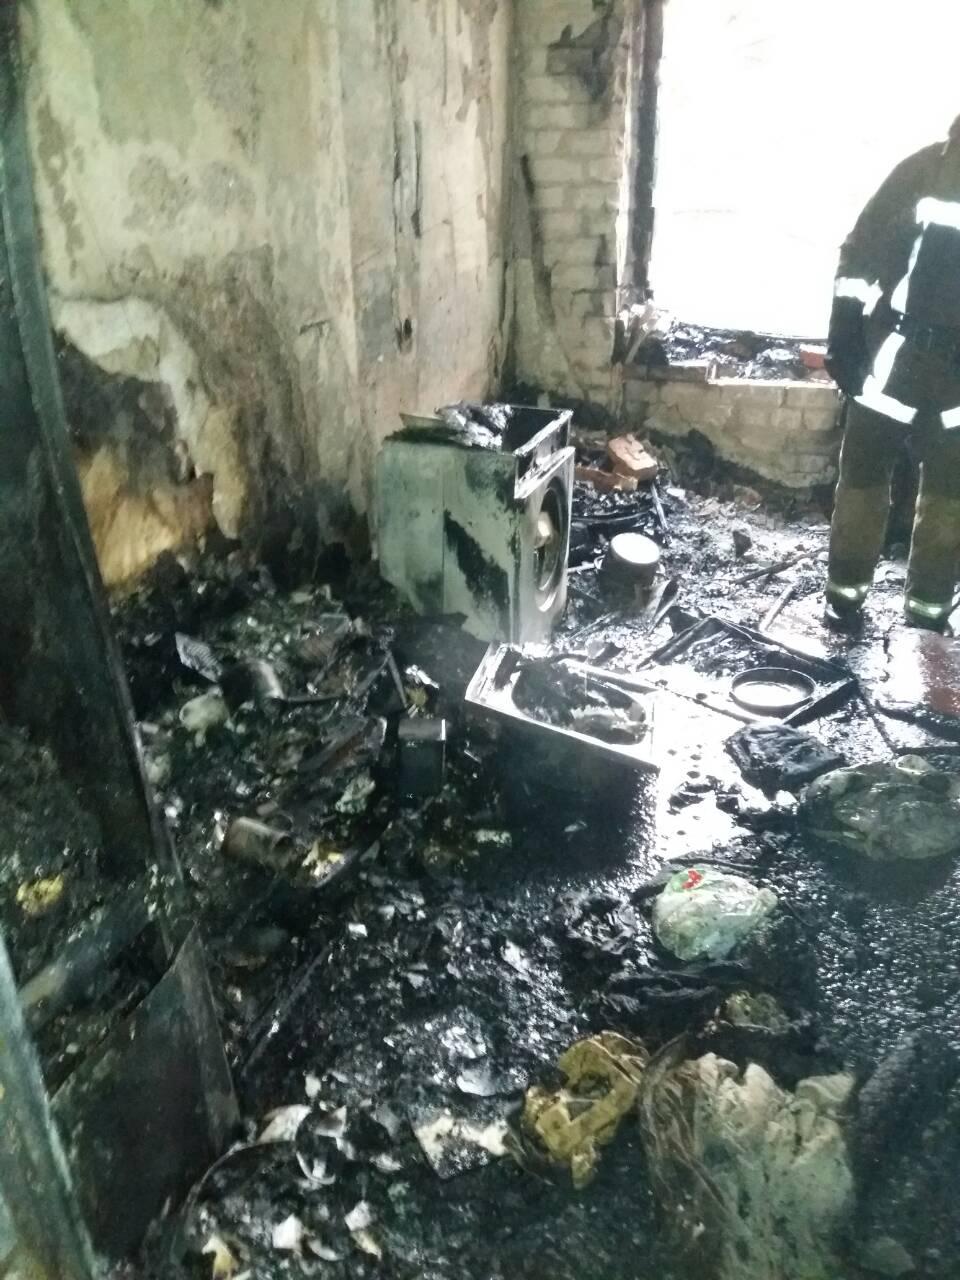 Спасатели эвакуировали 27 человек во время пожара на улице Библика: трое жильцов в больнице (фото)